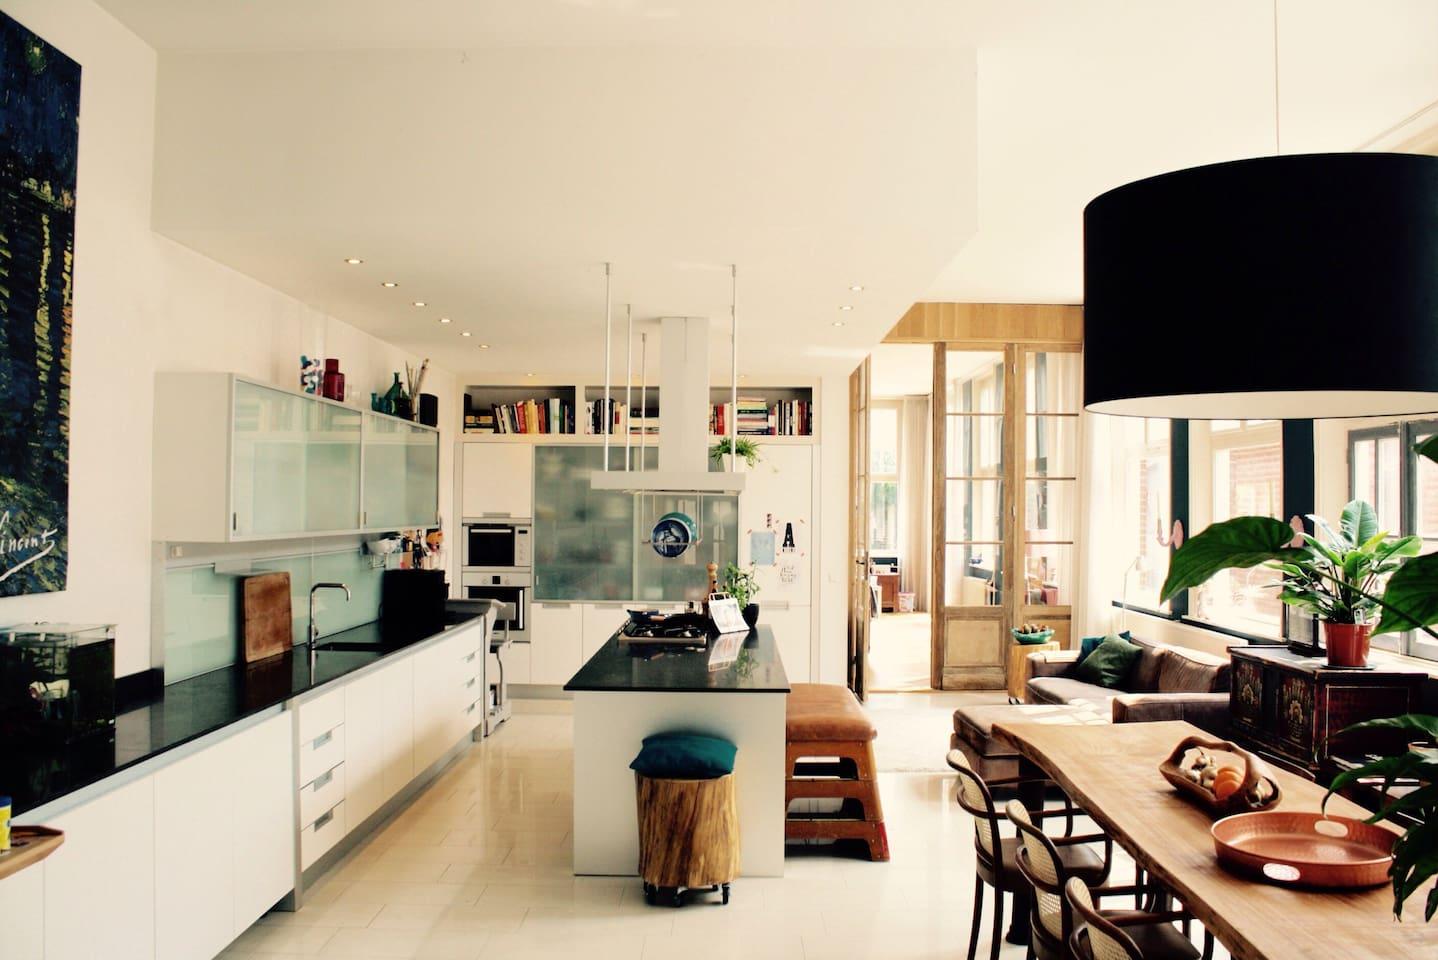 Keuken, voorzien van alle gemakken en apparatuur